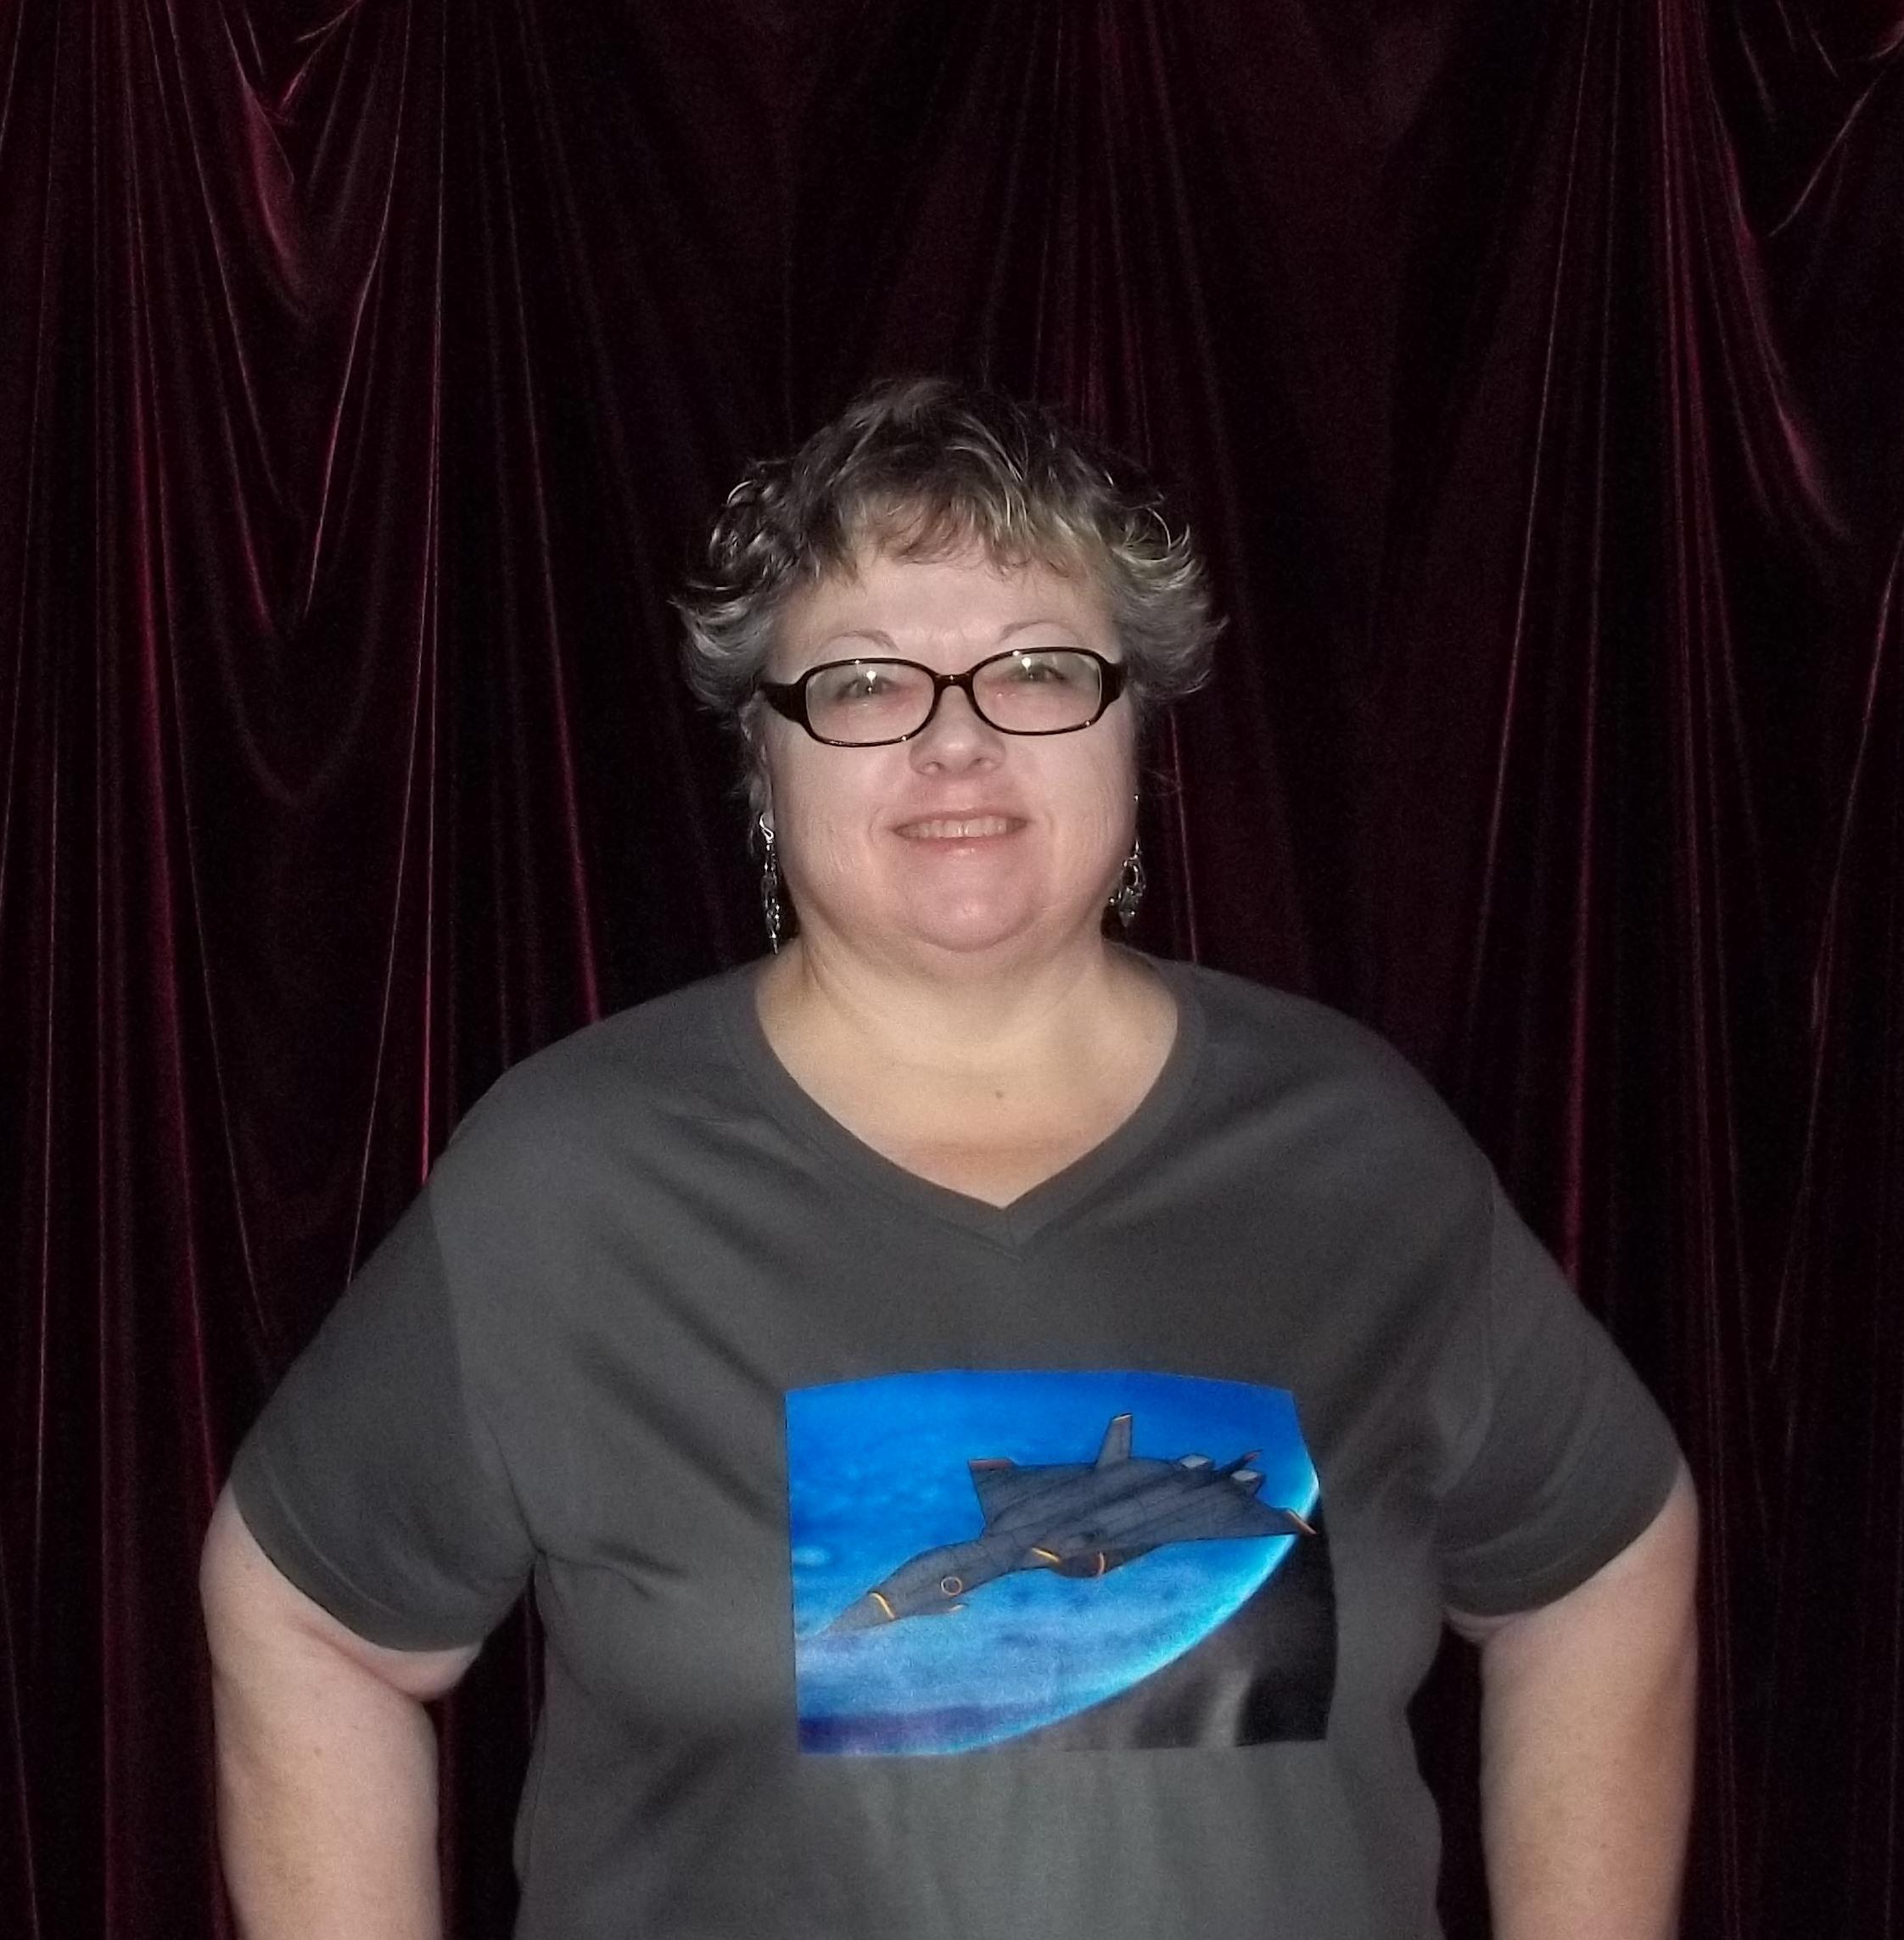 Shirley D. Contest Winner